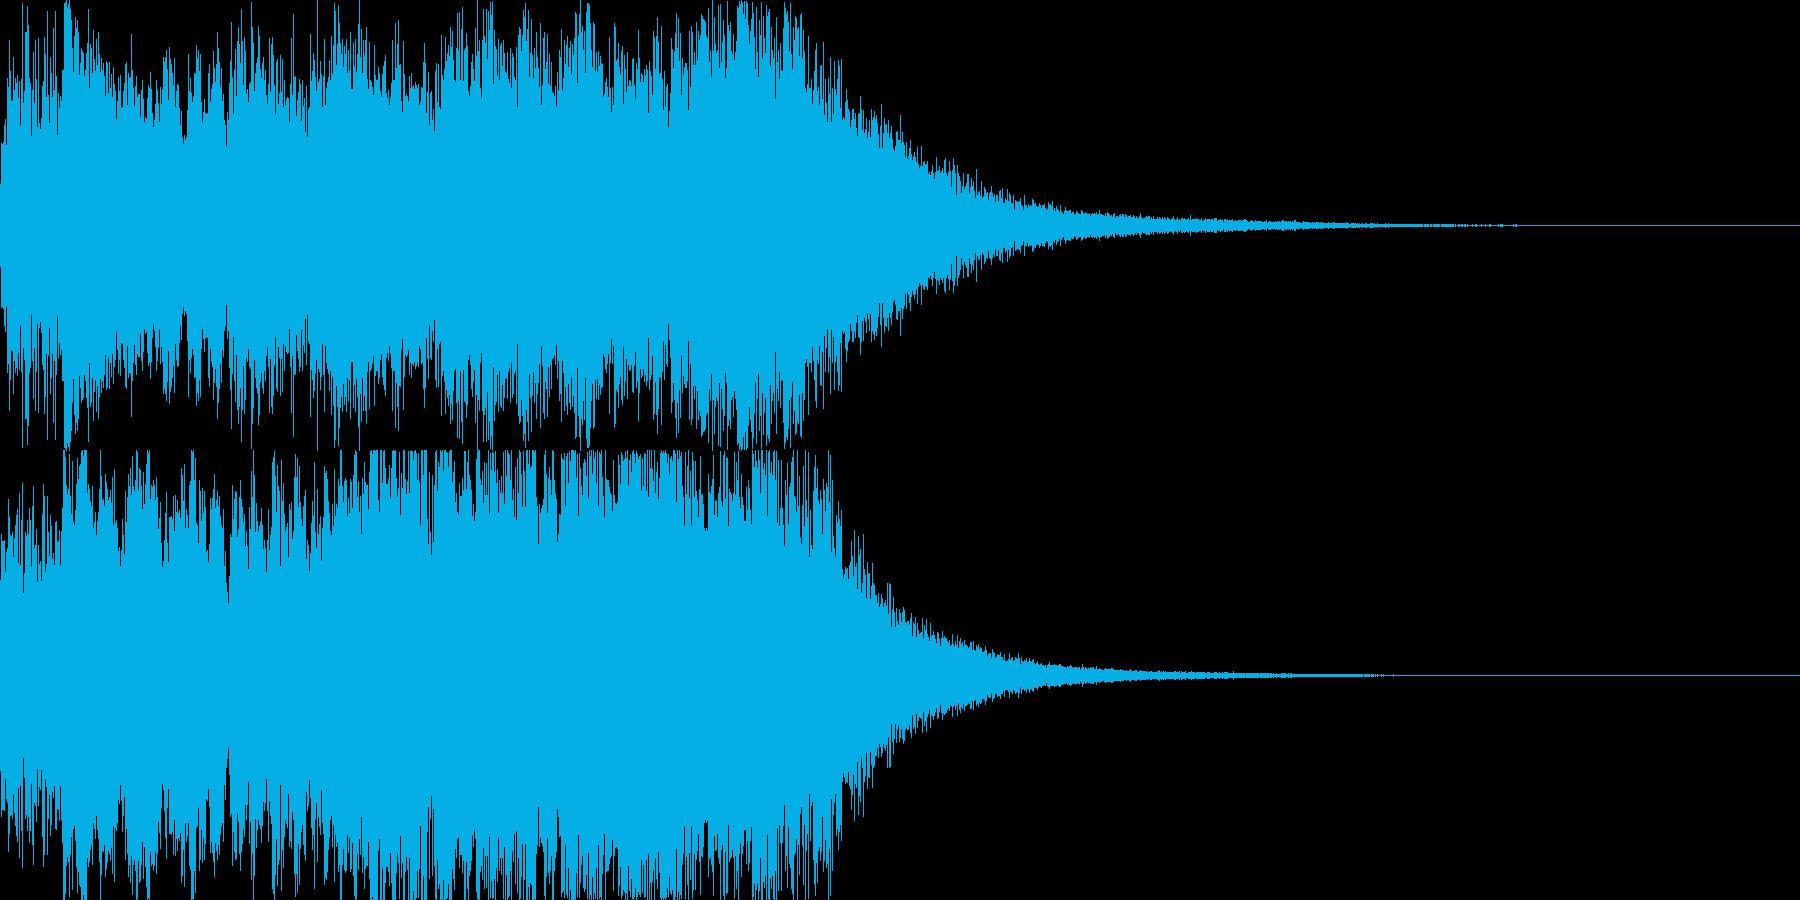 勝利のファンファーレの再生済みの波形